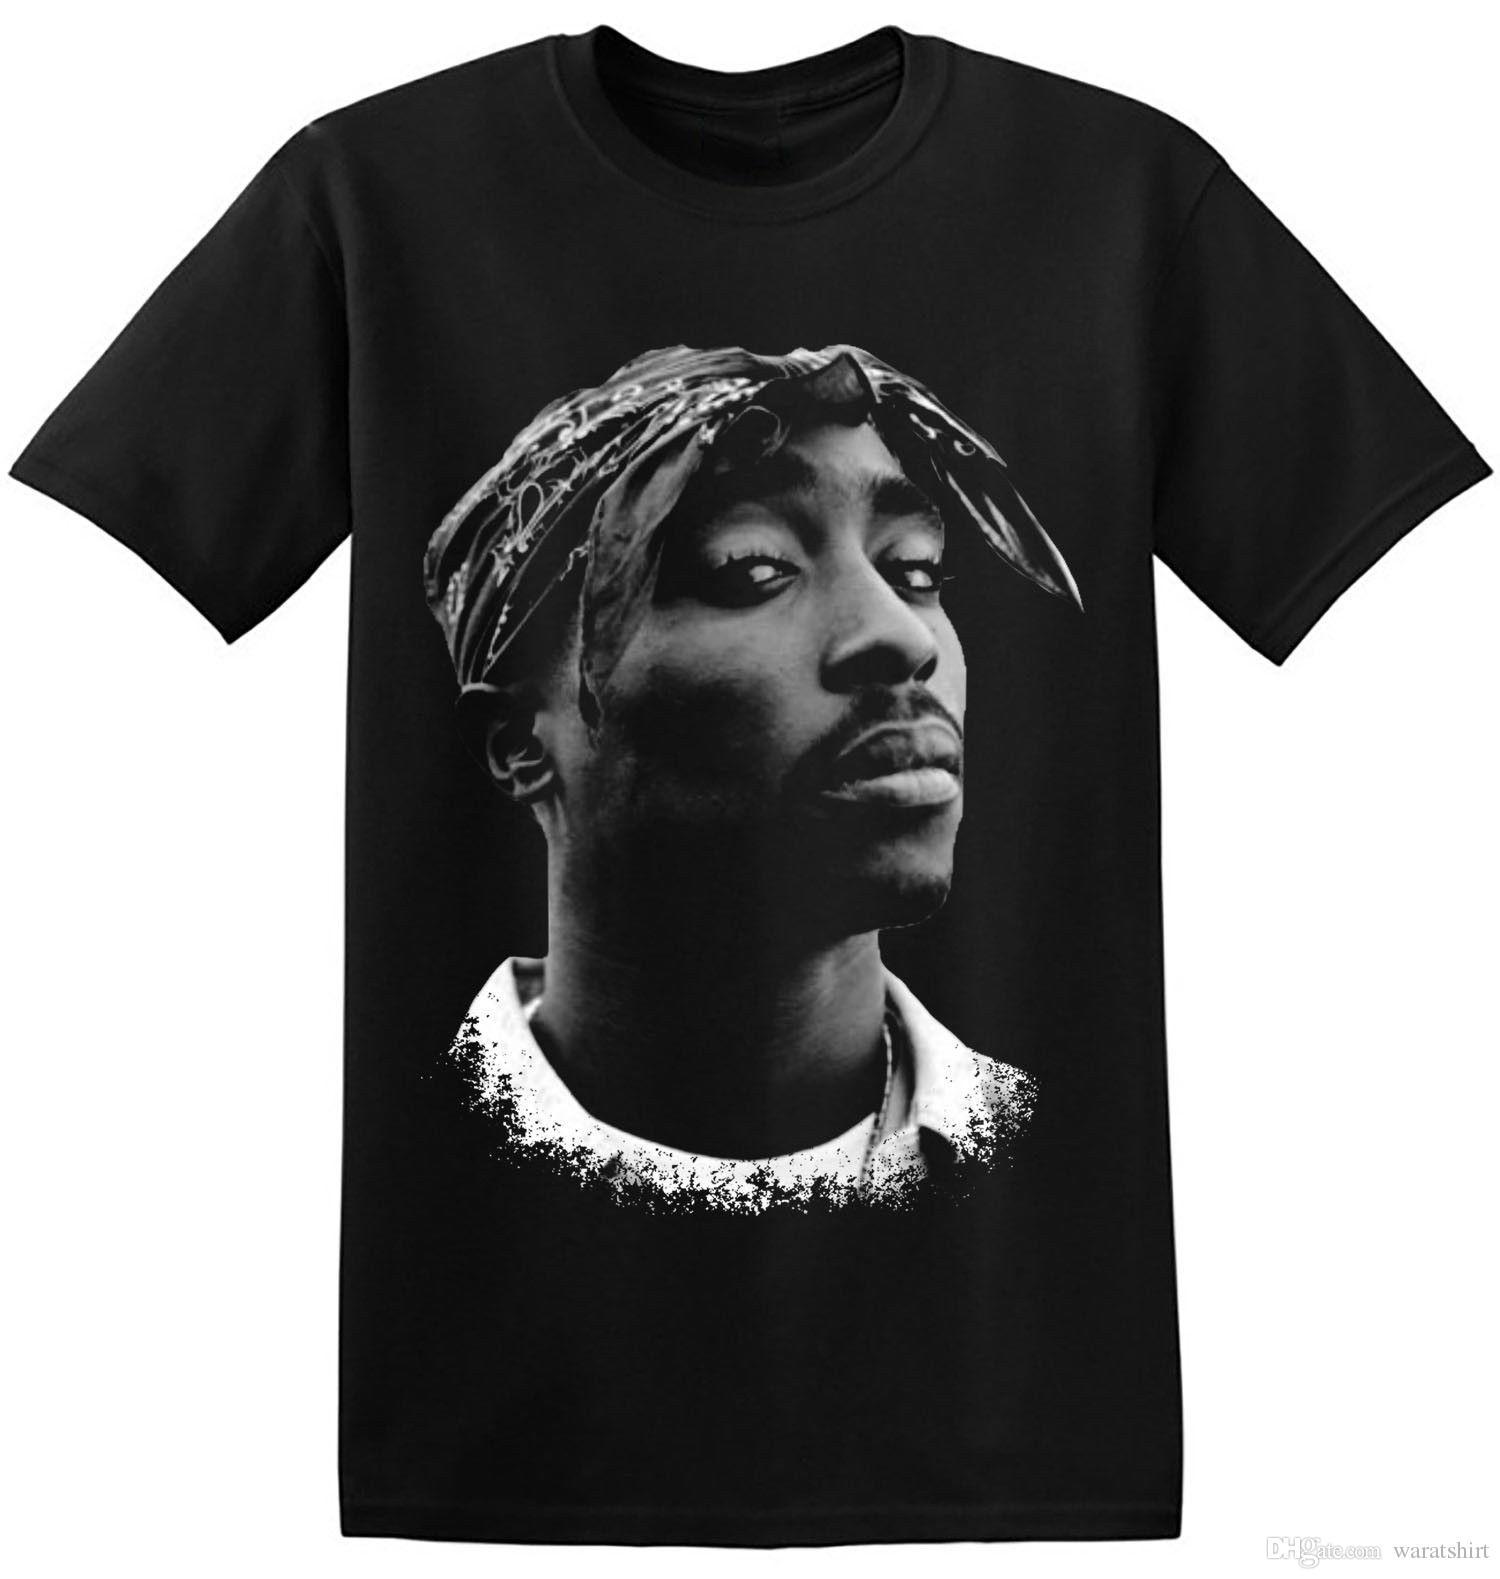 a409049bdb50e Compre Tupac Shakur Camiseta 2Pac Hip Hop Rapper Cantor Actor Celebridade  Novo Tee 3 A 002 De Waratshirt